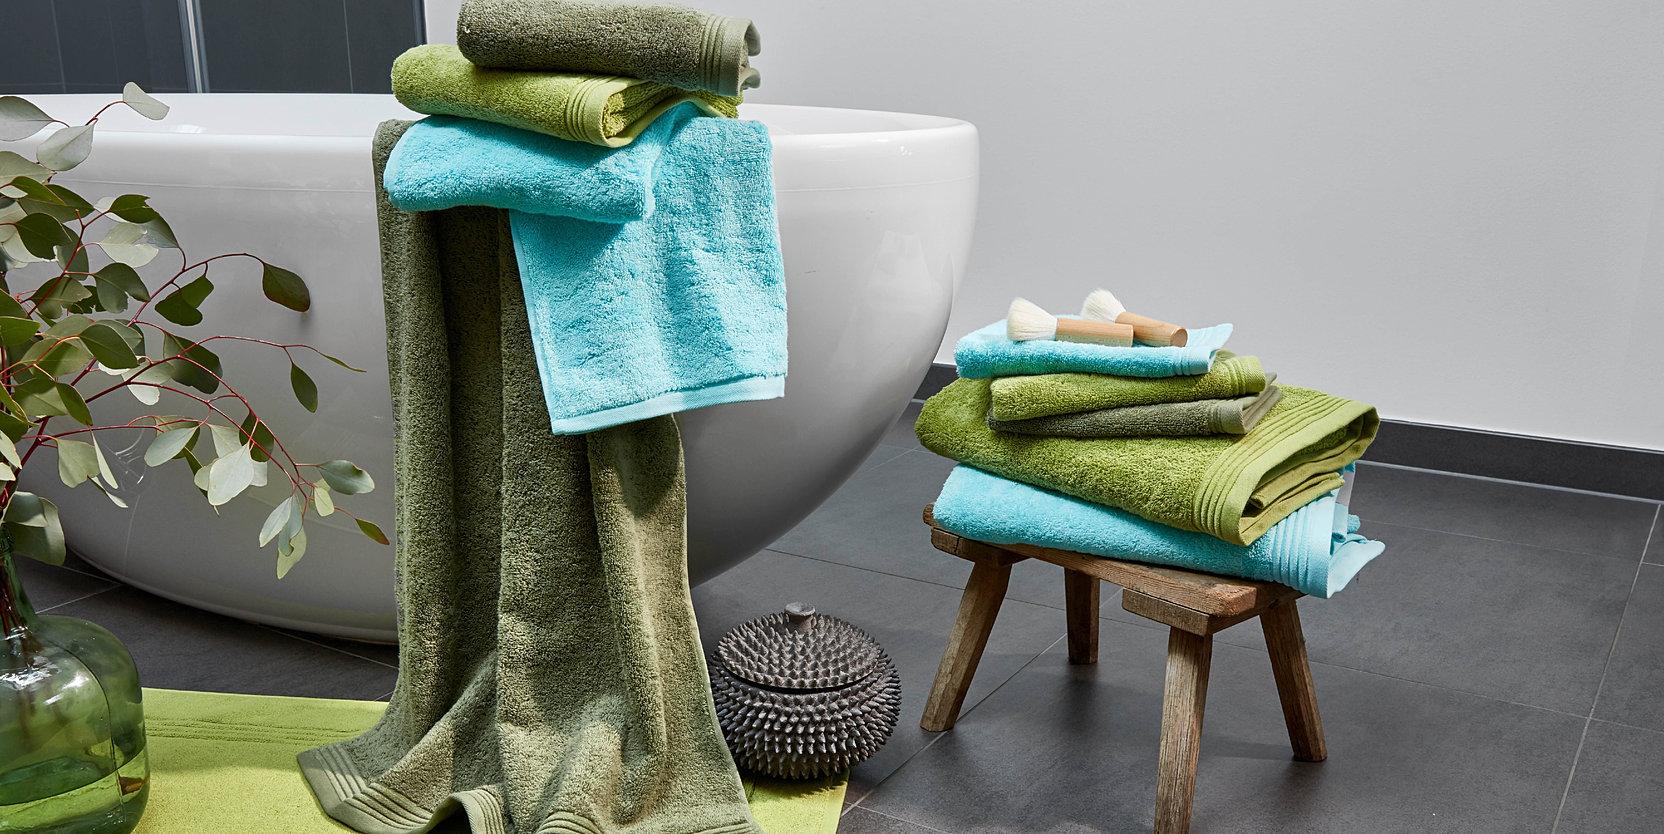 bettdecken werksverkauf linon bettw sche wiki elektrische lattenroste g nstig moderne gardinen. Black Bedroom Furniture Sets. Home Design Ideas